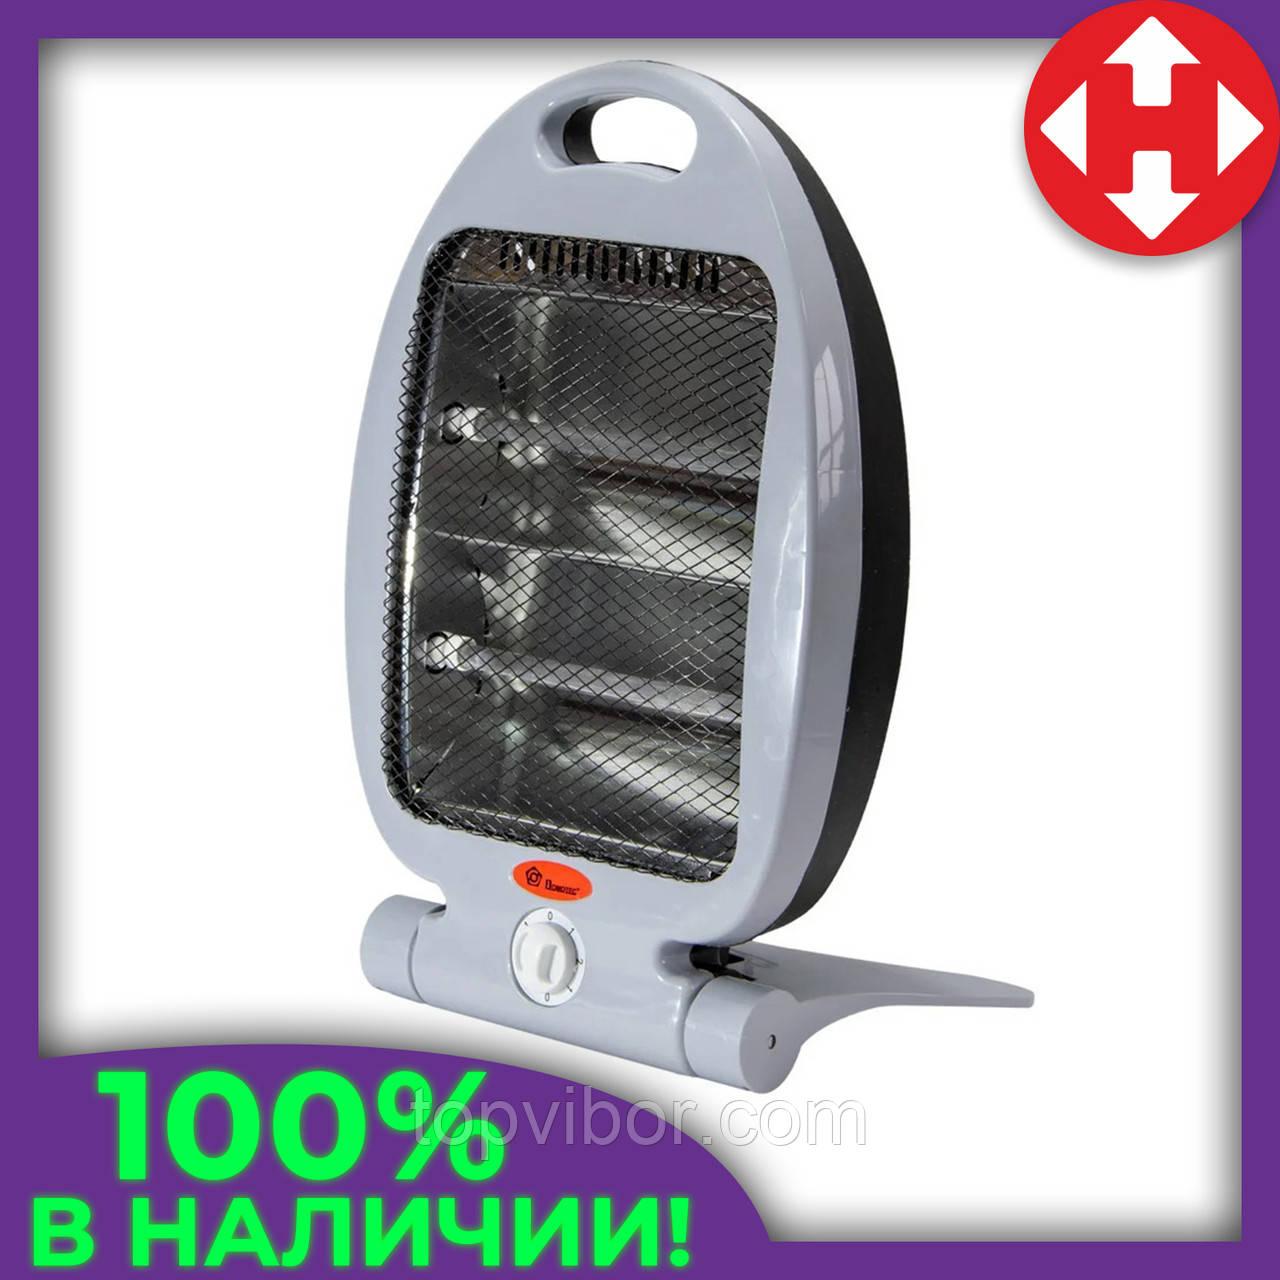 Обогреватель кварцевый инфракрасный Domotec MS-5952 800 W напольный для дома и в гараж, с доставкой